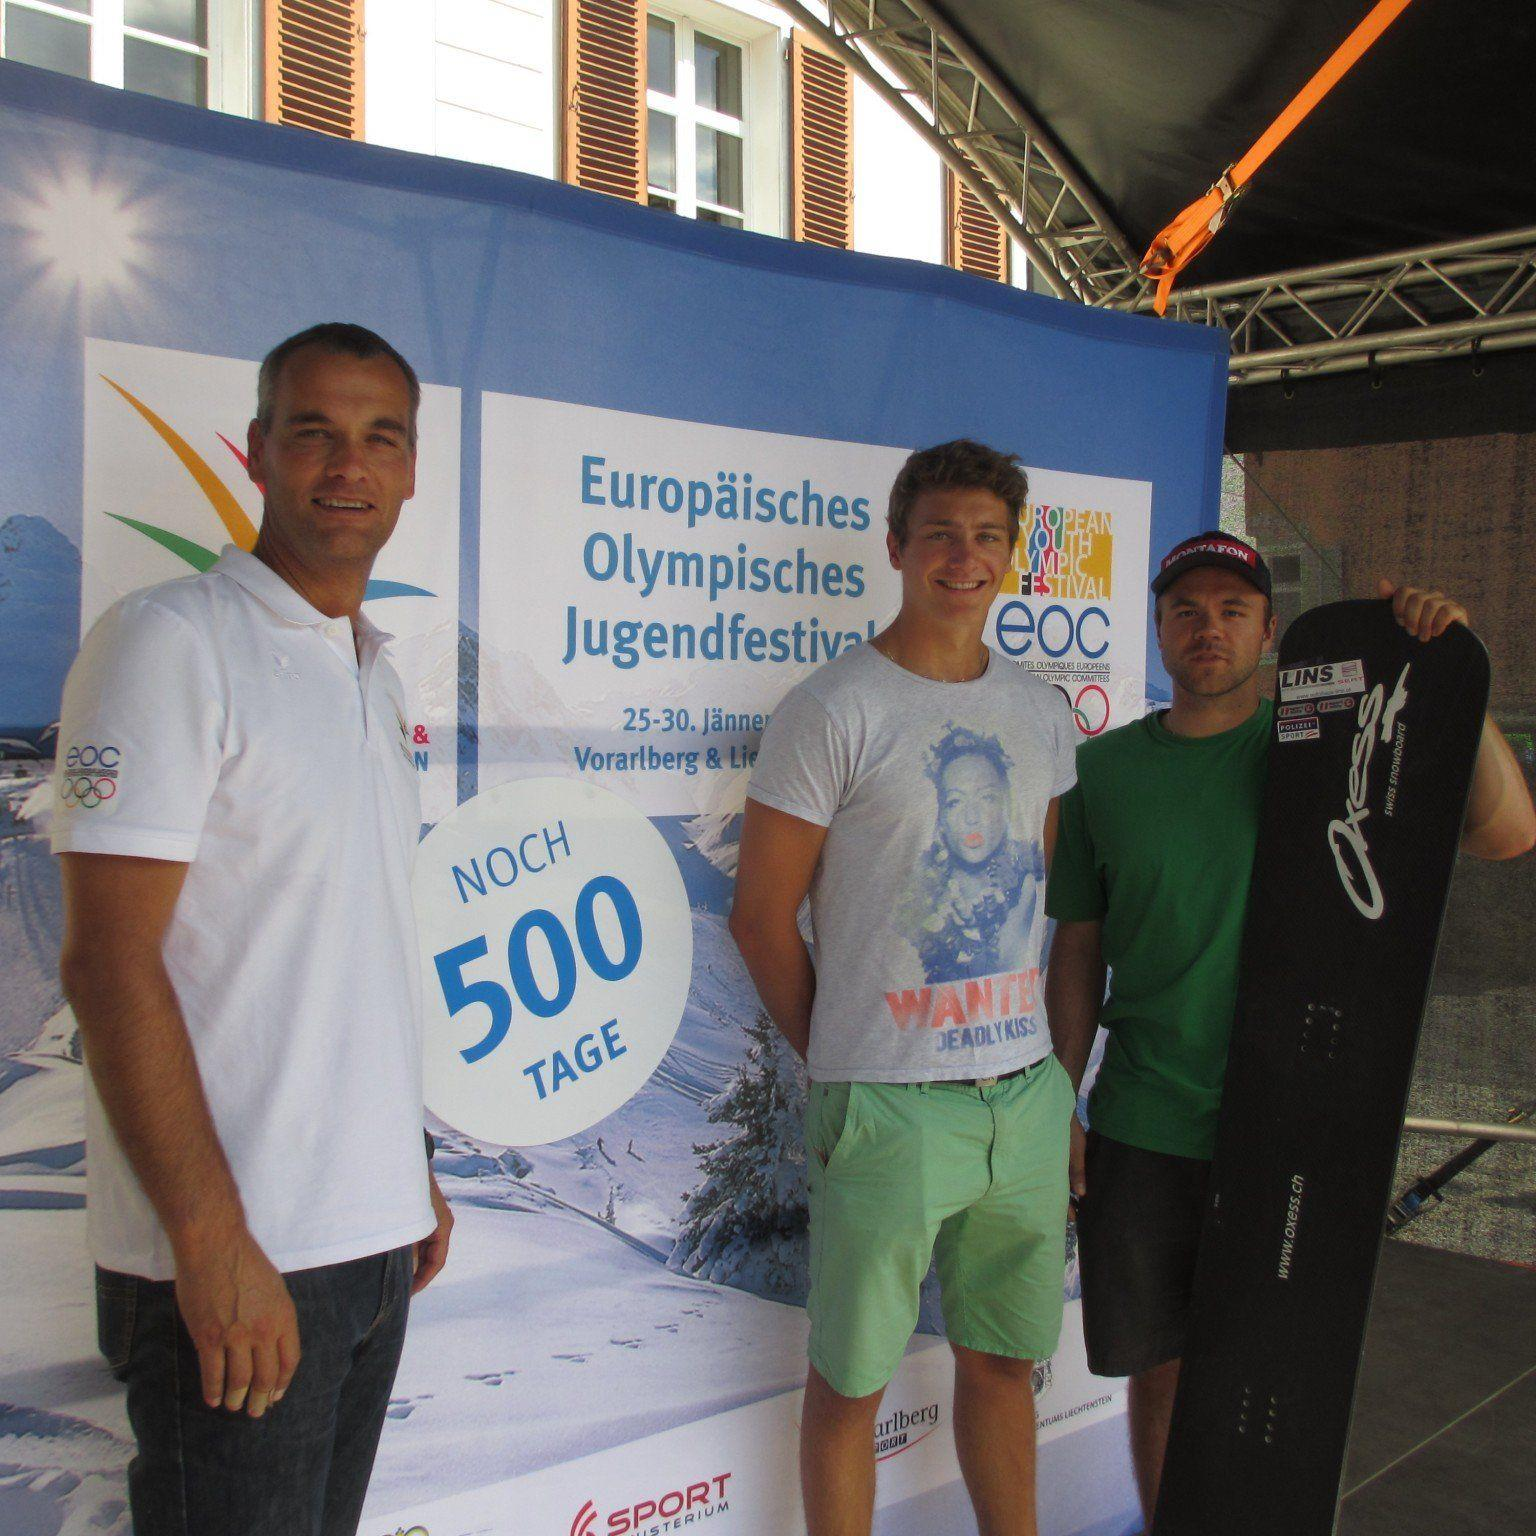 In 500 Tagen beginnt das große Jugend-Spektakel die Jugend-Olympiade in Vorarlberg und Liechtenstein.